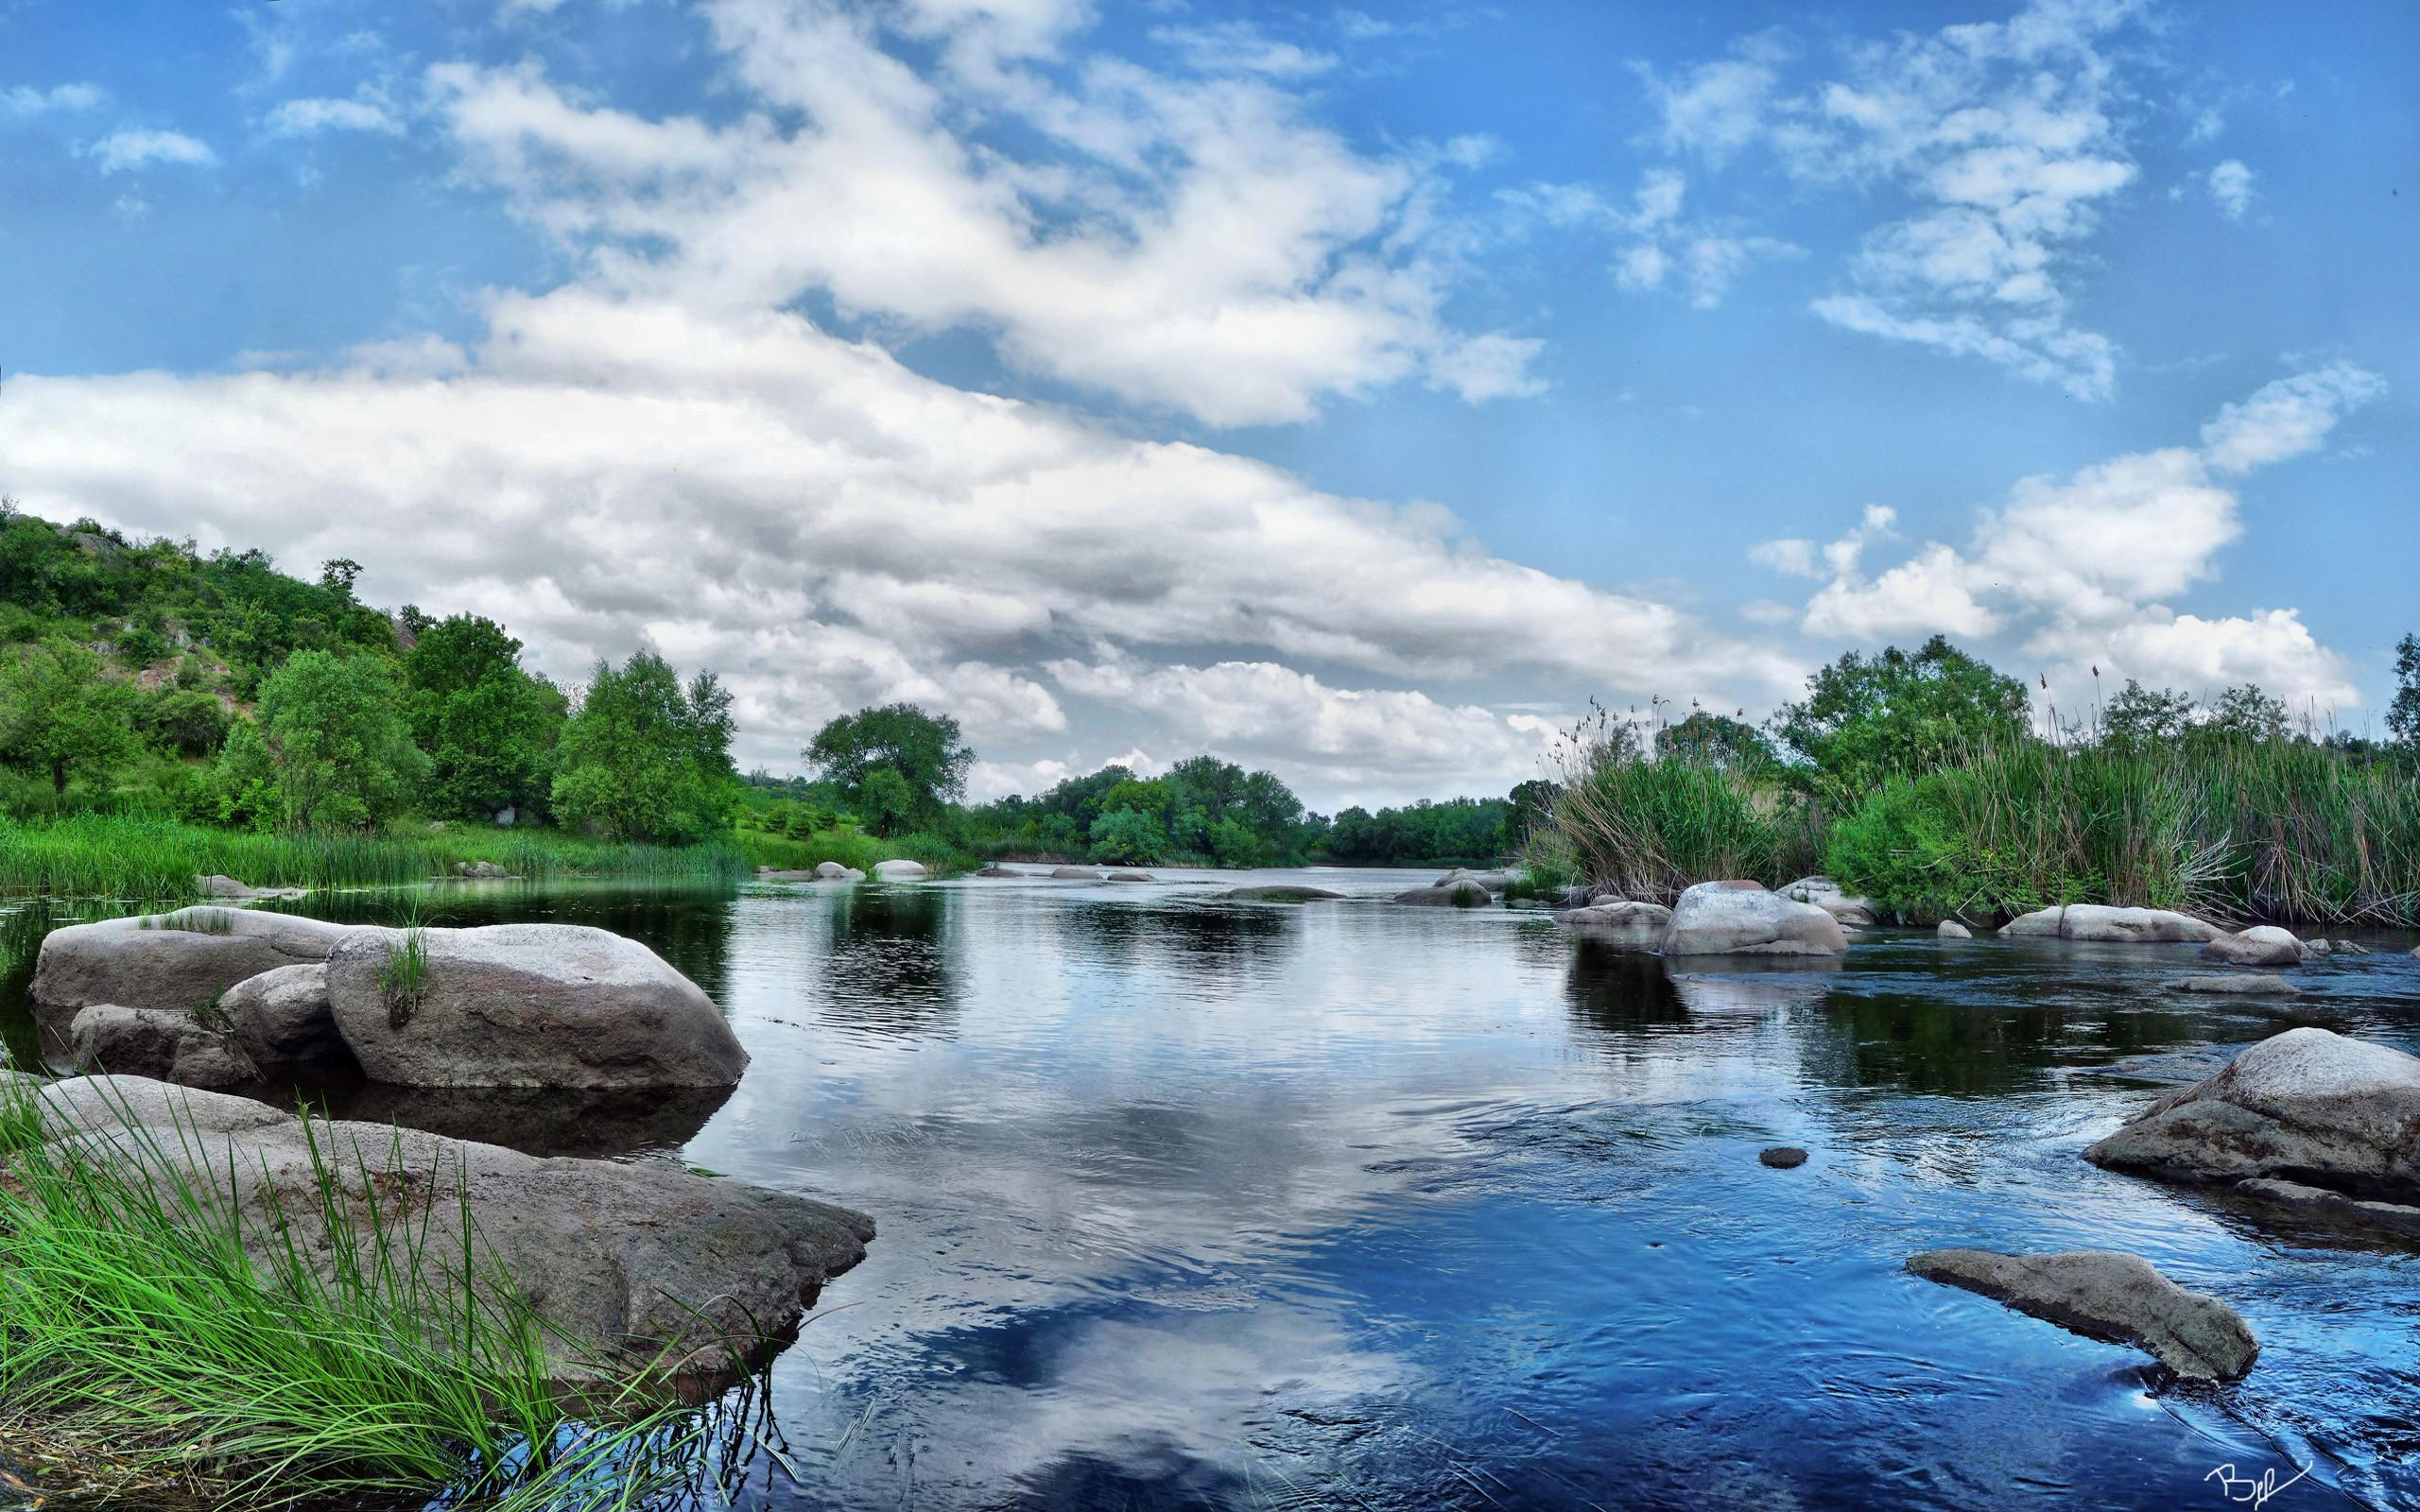 Pequeños rios en el campo - 2560x1600